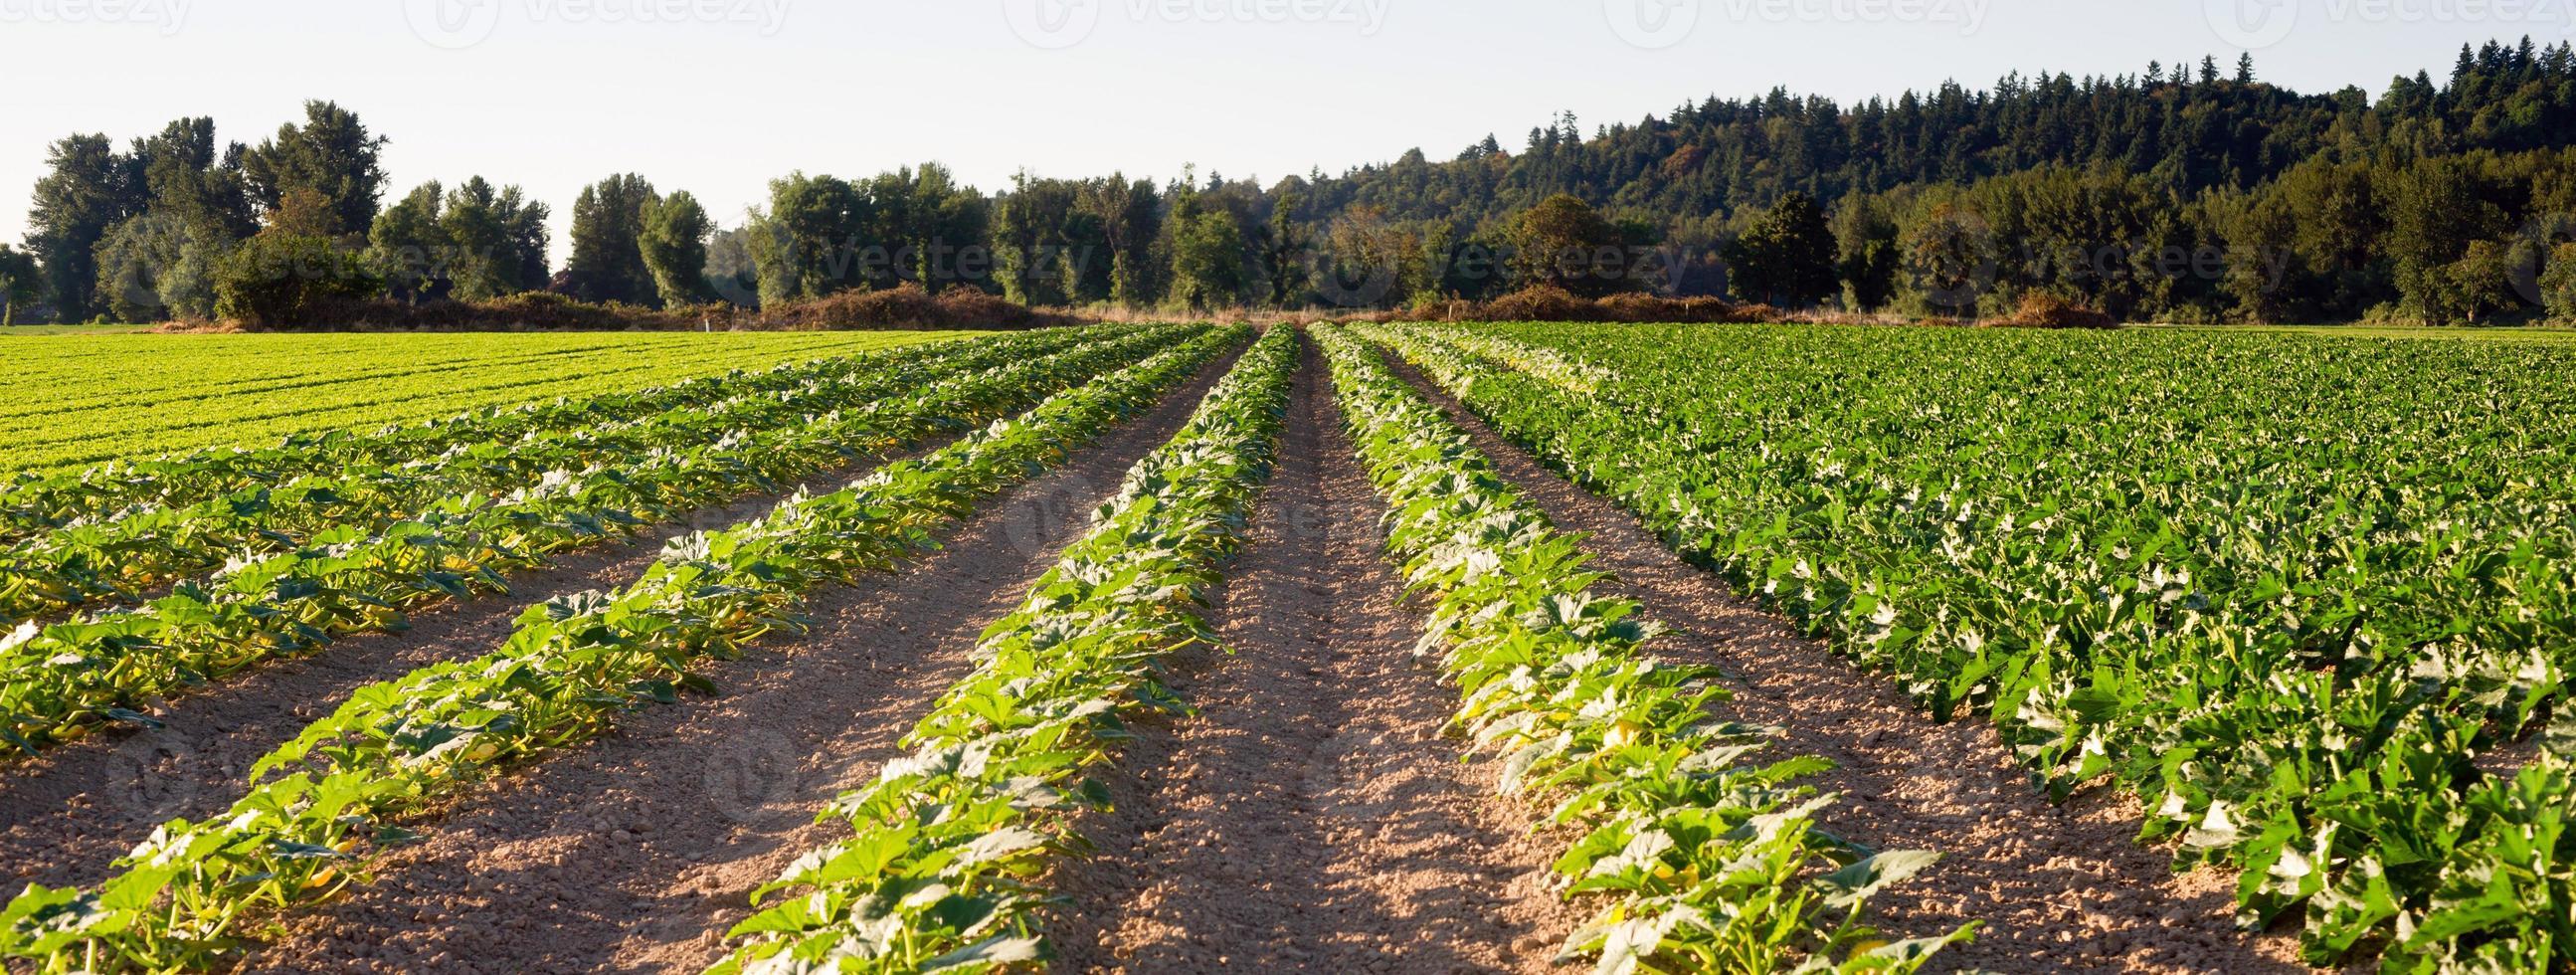 gepflanzte Reihen Kräuterfarm landwirtschaftliche Feldpflanzenernte foto